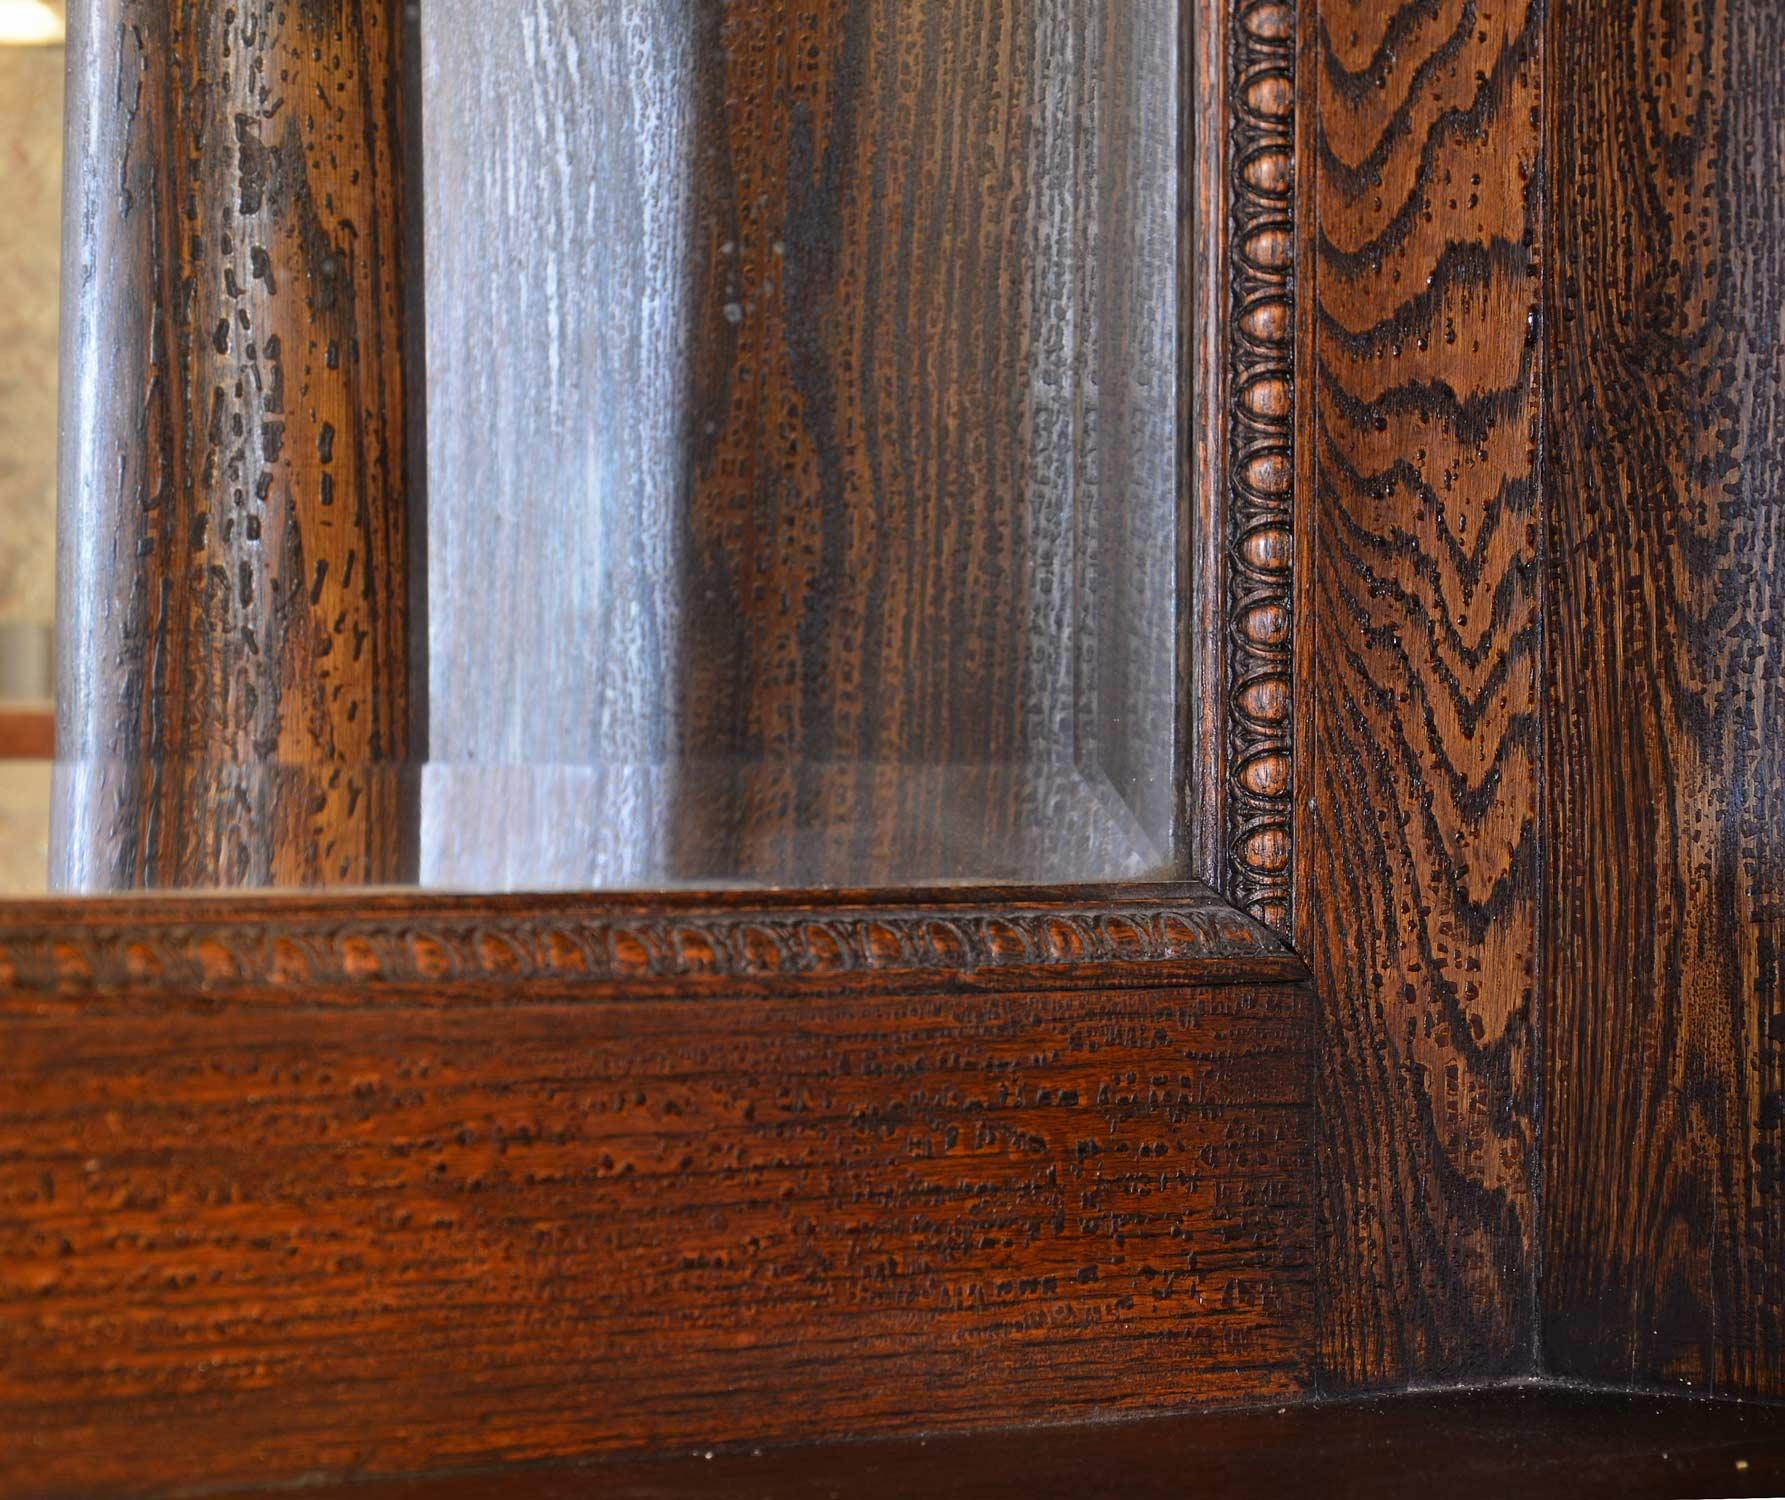 46038-oak-buffet-with-columns-mirror-detail.jpg